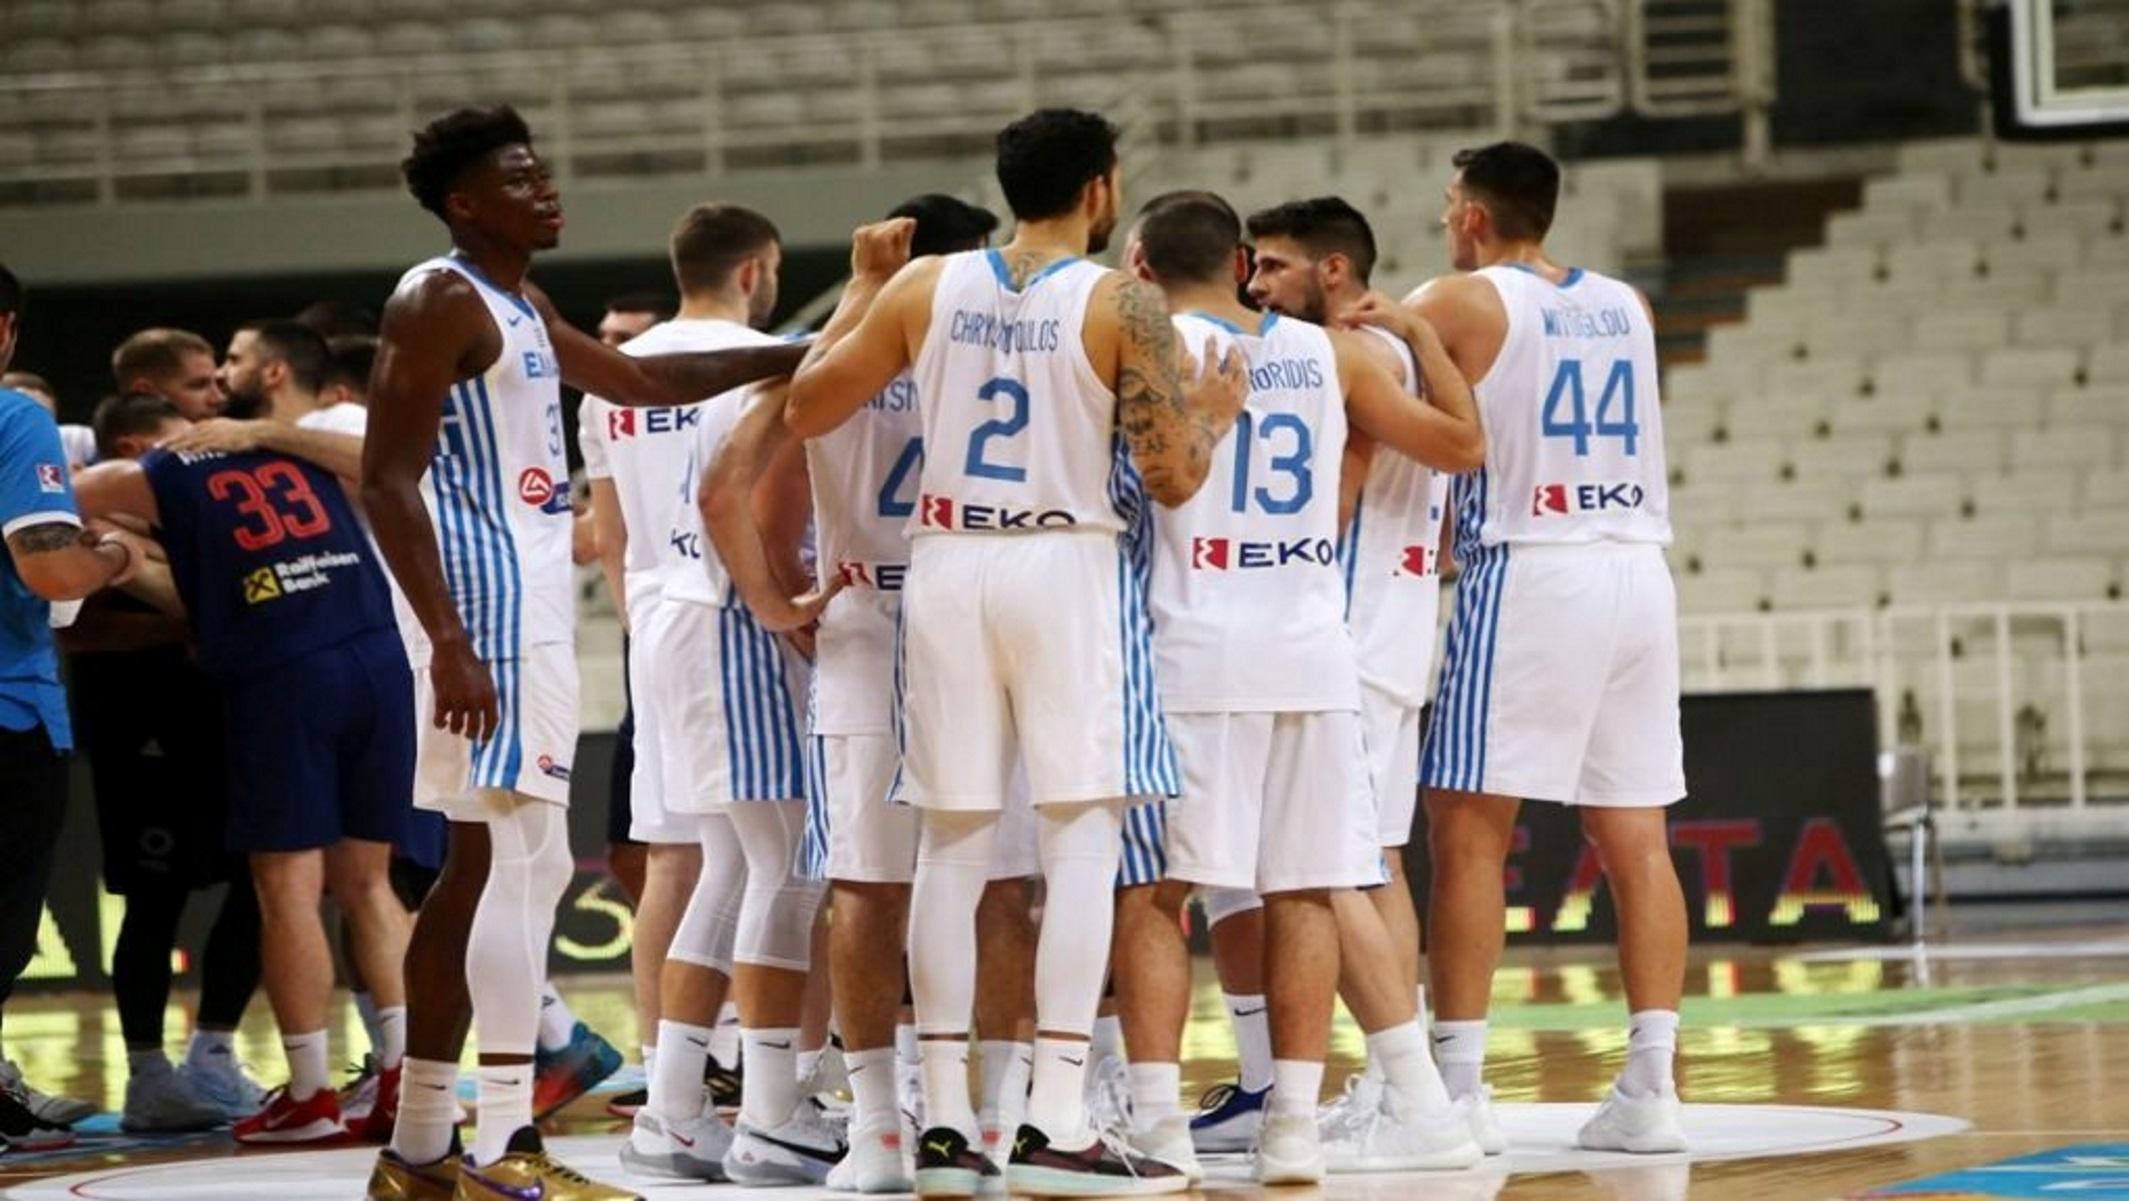 Η ΕΡΤ δίπλα στην Εθνική Ομάδα Μπάσκετ στο προολυμπιακό τουρνουά καλαθοσφαίρισης